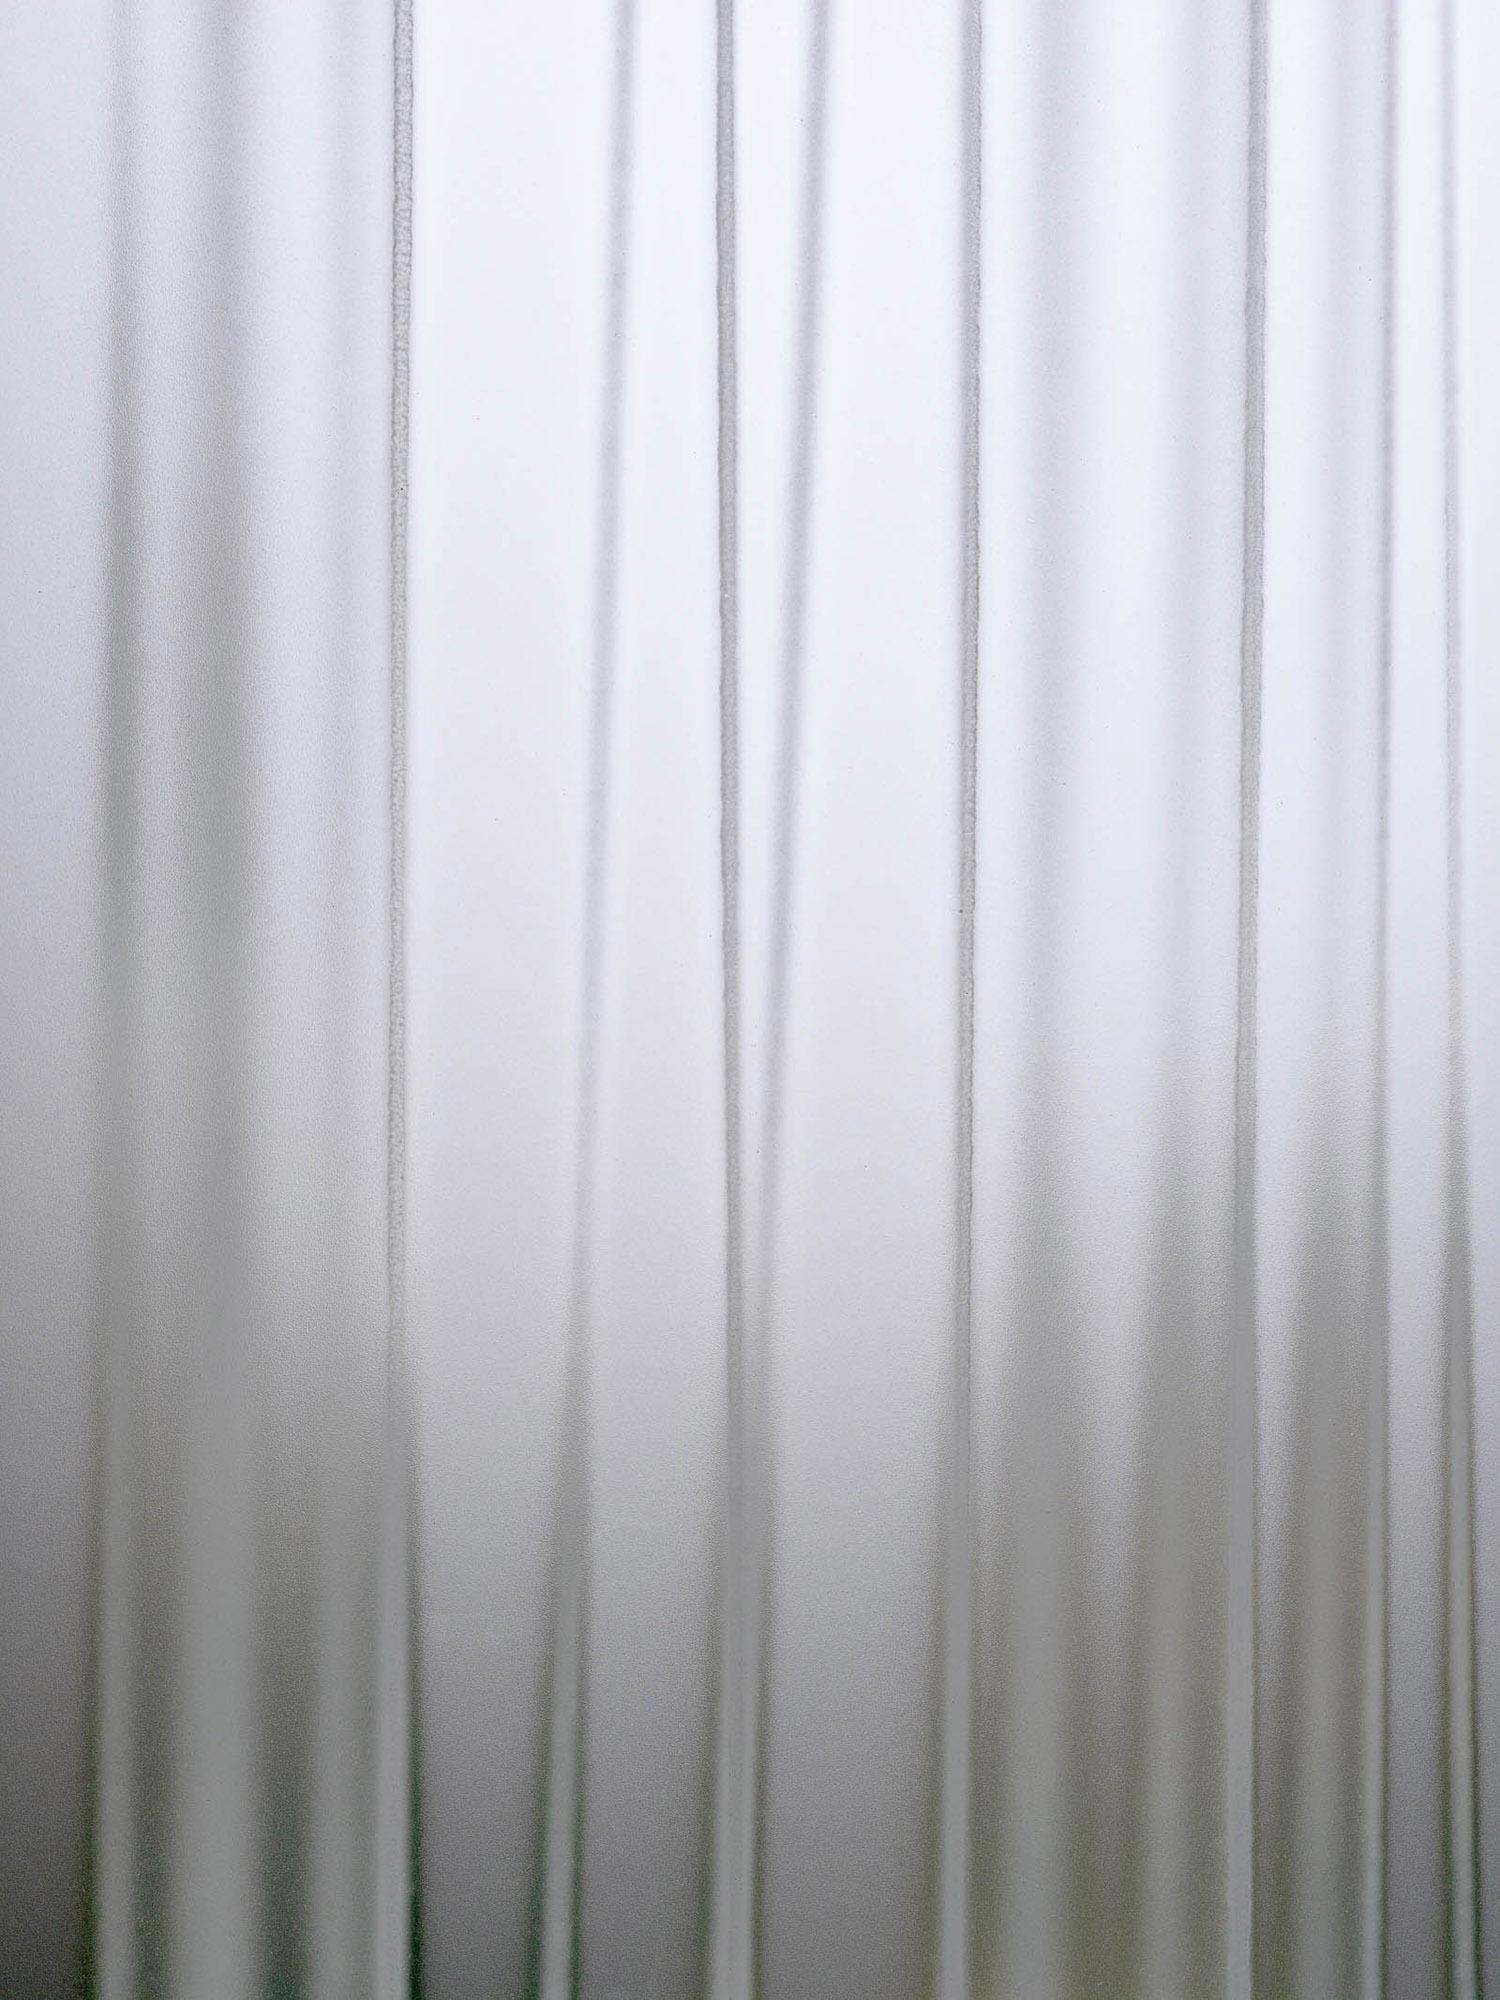 Ljuset faller genom de till dimma sandblästrade glasen med målade linjer, vita som rök. Detalj. Ingegerd Råman, Crystal Curtain (2013)